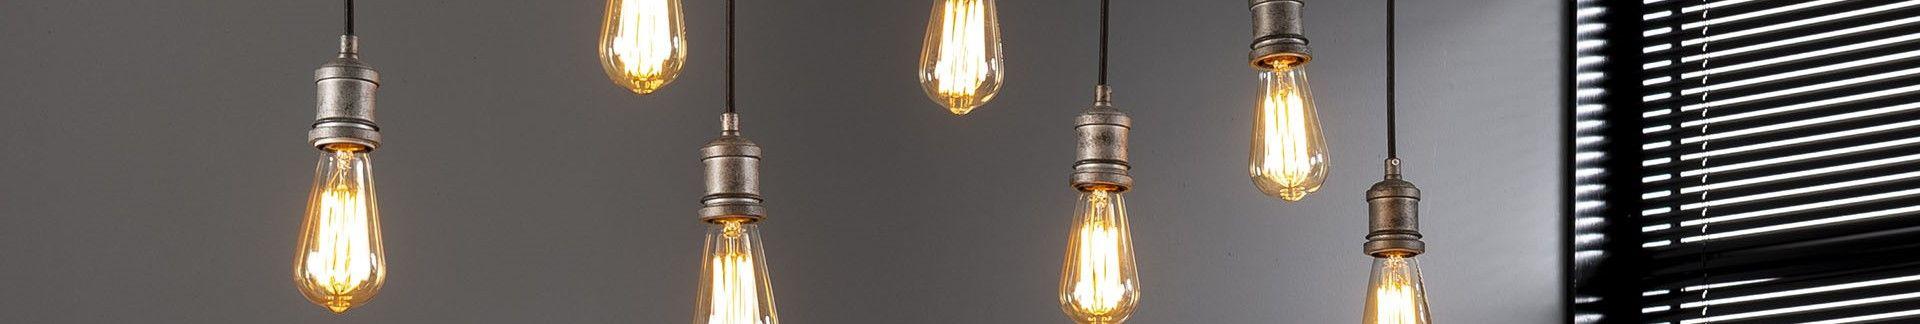 Stoere hanglampen? Creëer een unieke sfeer in huis met robuuste hanglampen